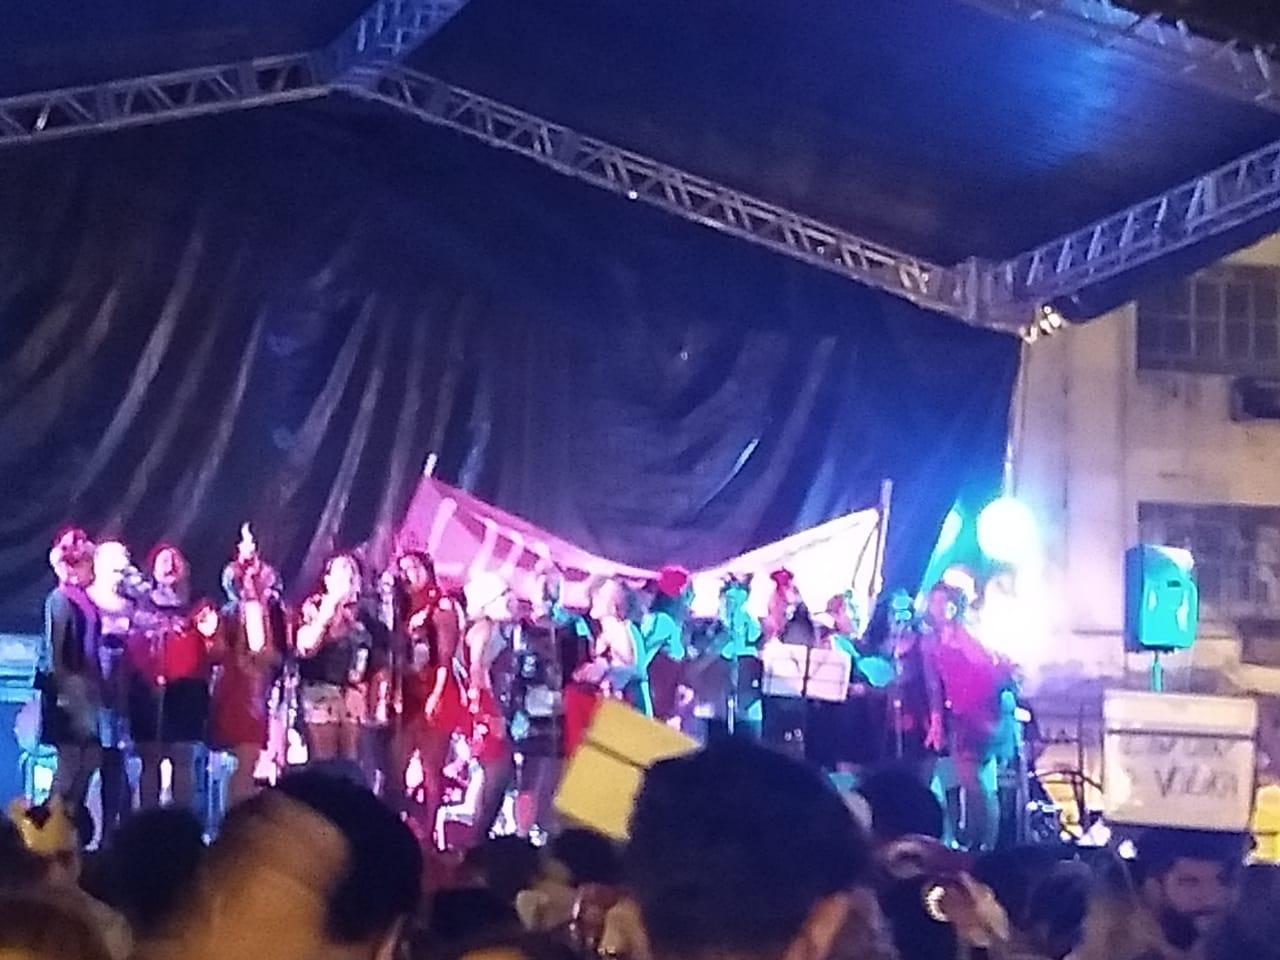 faixa lula livre ponto de cem réis raparigas de chico - MILITÂNCIA FOLIÃ: Bloco  de carnaval em João Pessoa tem gritos de Lula Livre - VEJA VÍDEO